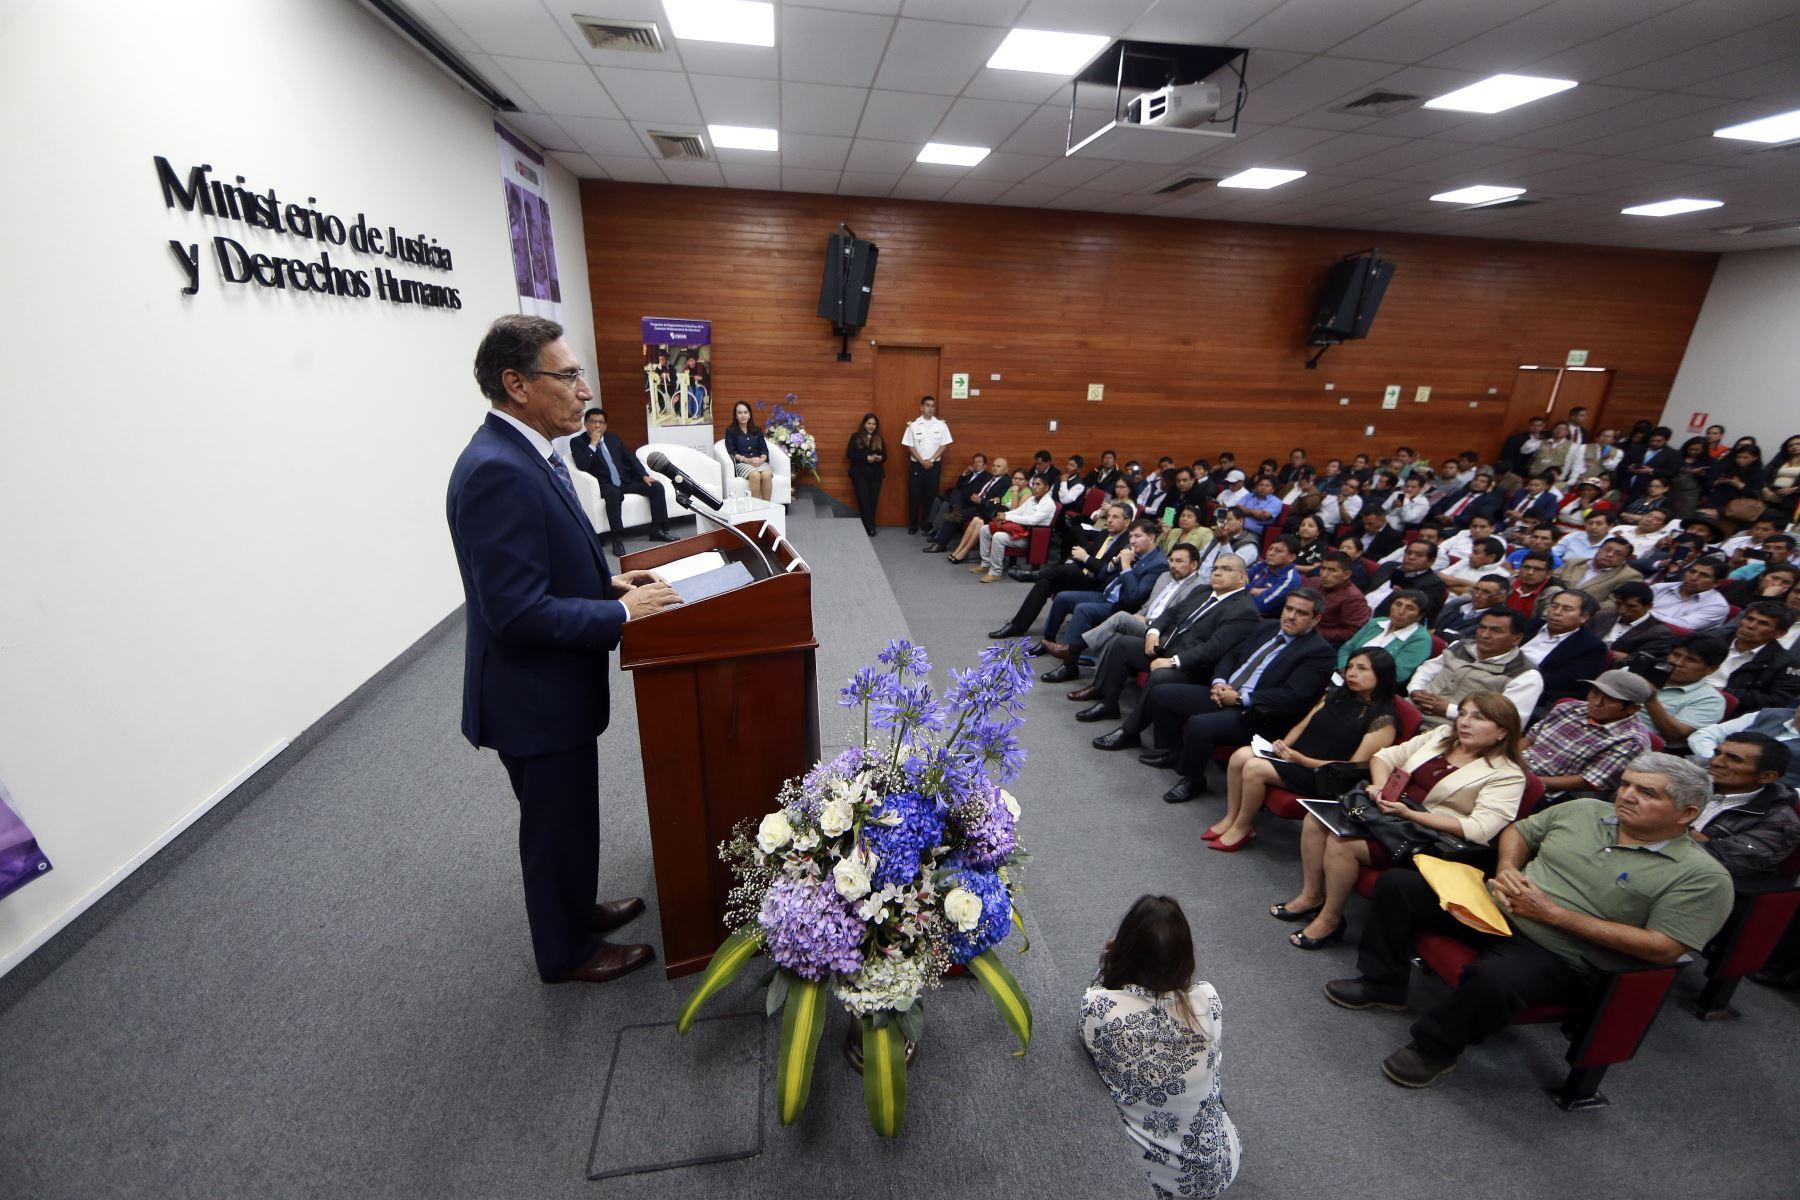 El presidente de la República, Martín Vizcarra, asistió a la ceremonia de reconocimiento de las comunidades y colectivos afectados por el periodo de violencia 1980 - 2000. Foto: ANDINA/Prensa Presidencia